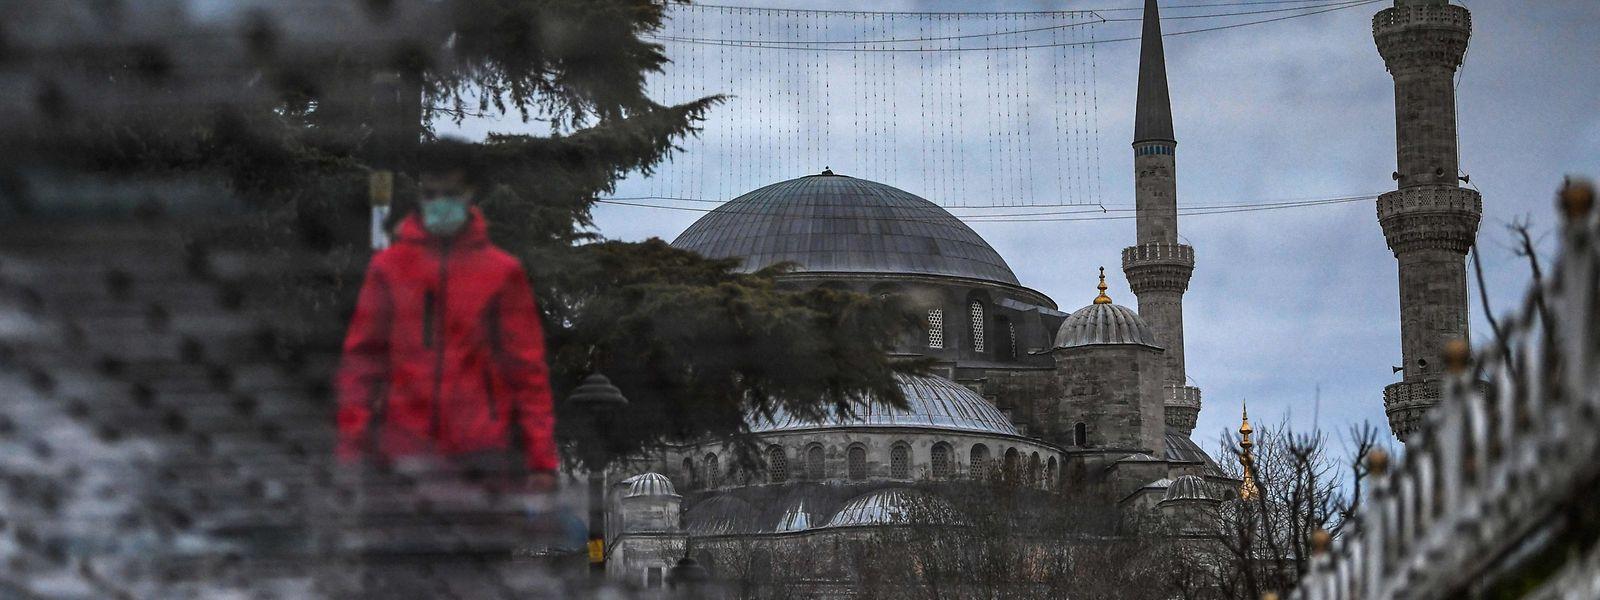 In der Türkei gilt ab sofort eine Ausgangssperre schon ab 19 Uhr; an den Wochenenden gilt ein durchgehendes 56-stündiges Ausgehverbot.